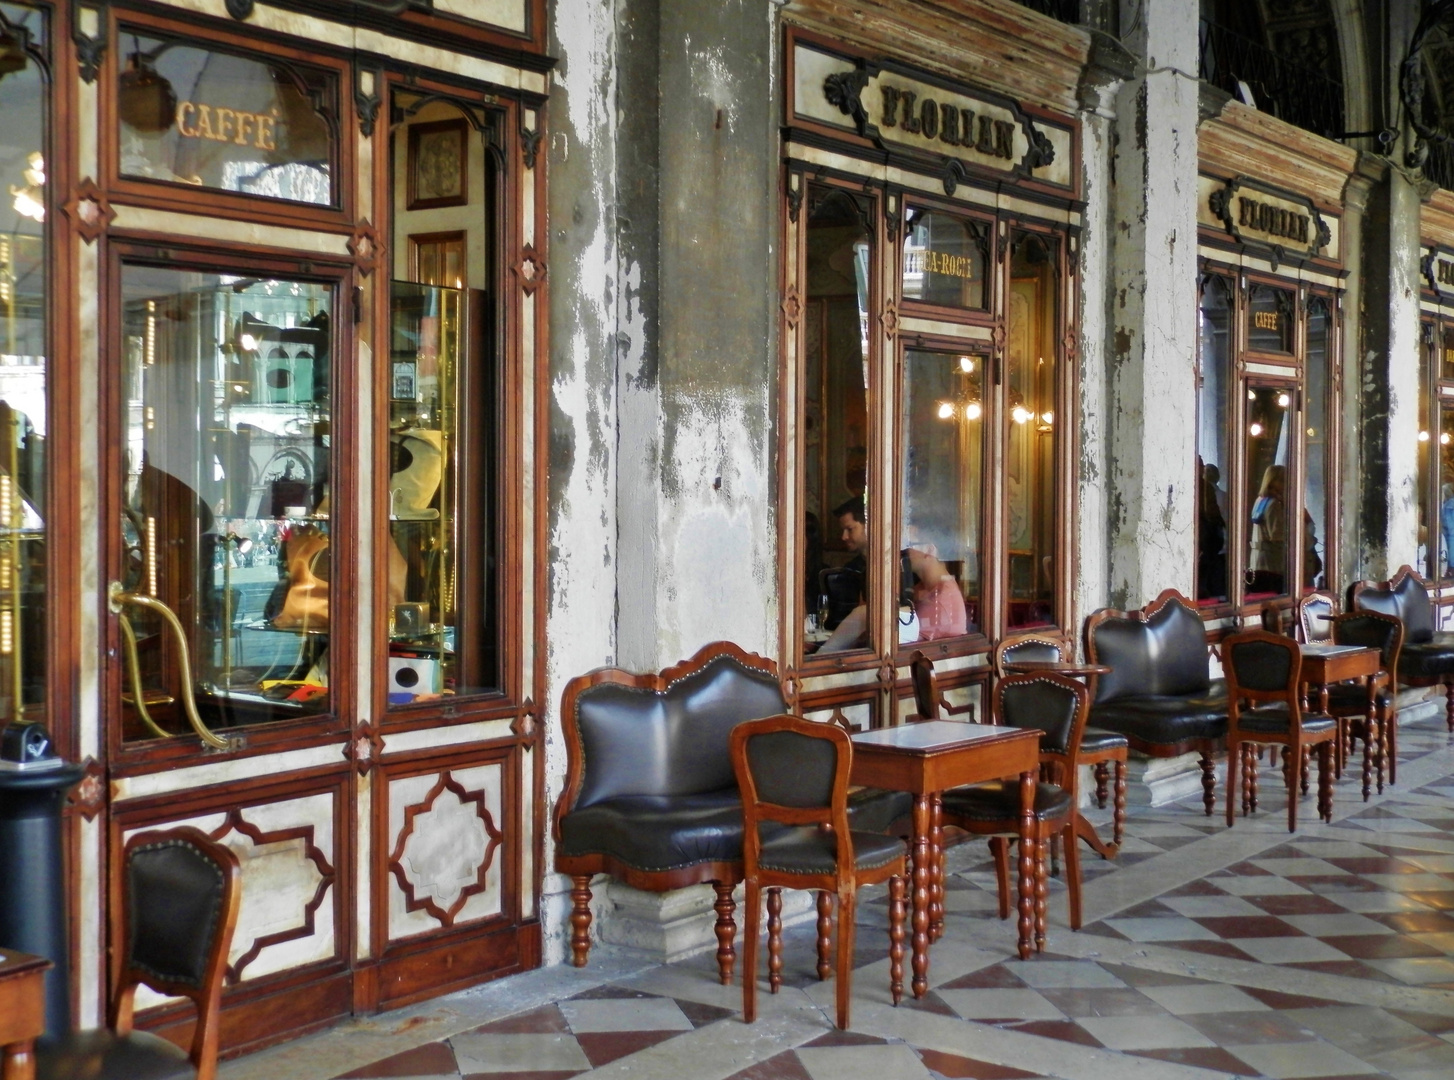 Florian Caffè in Venice